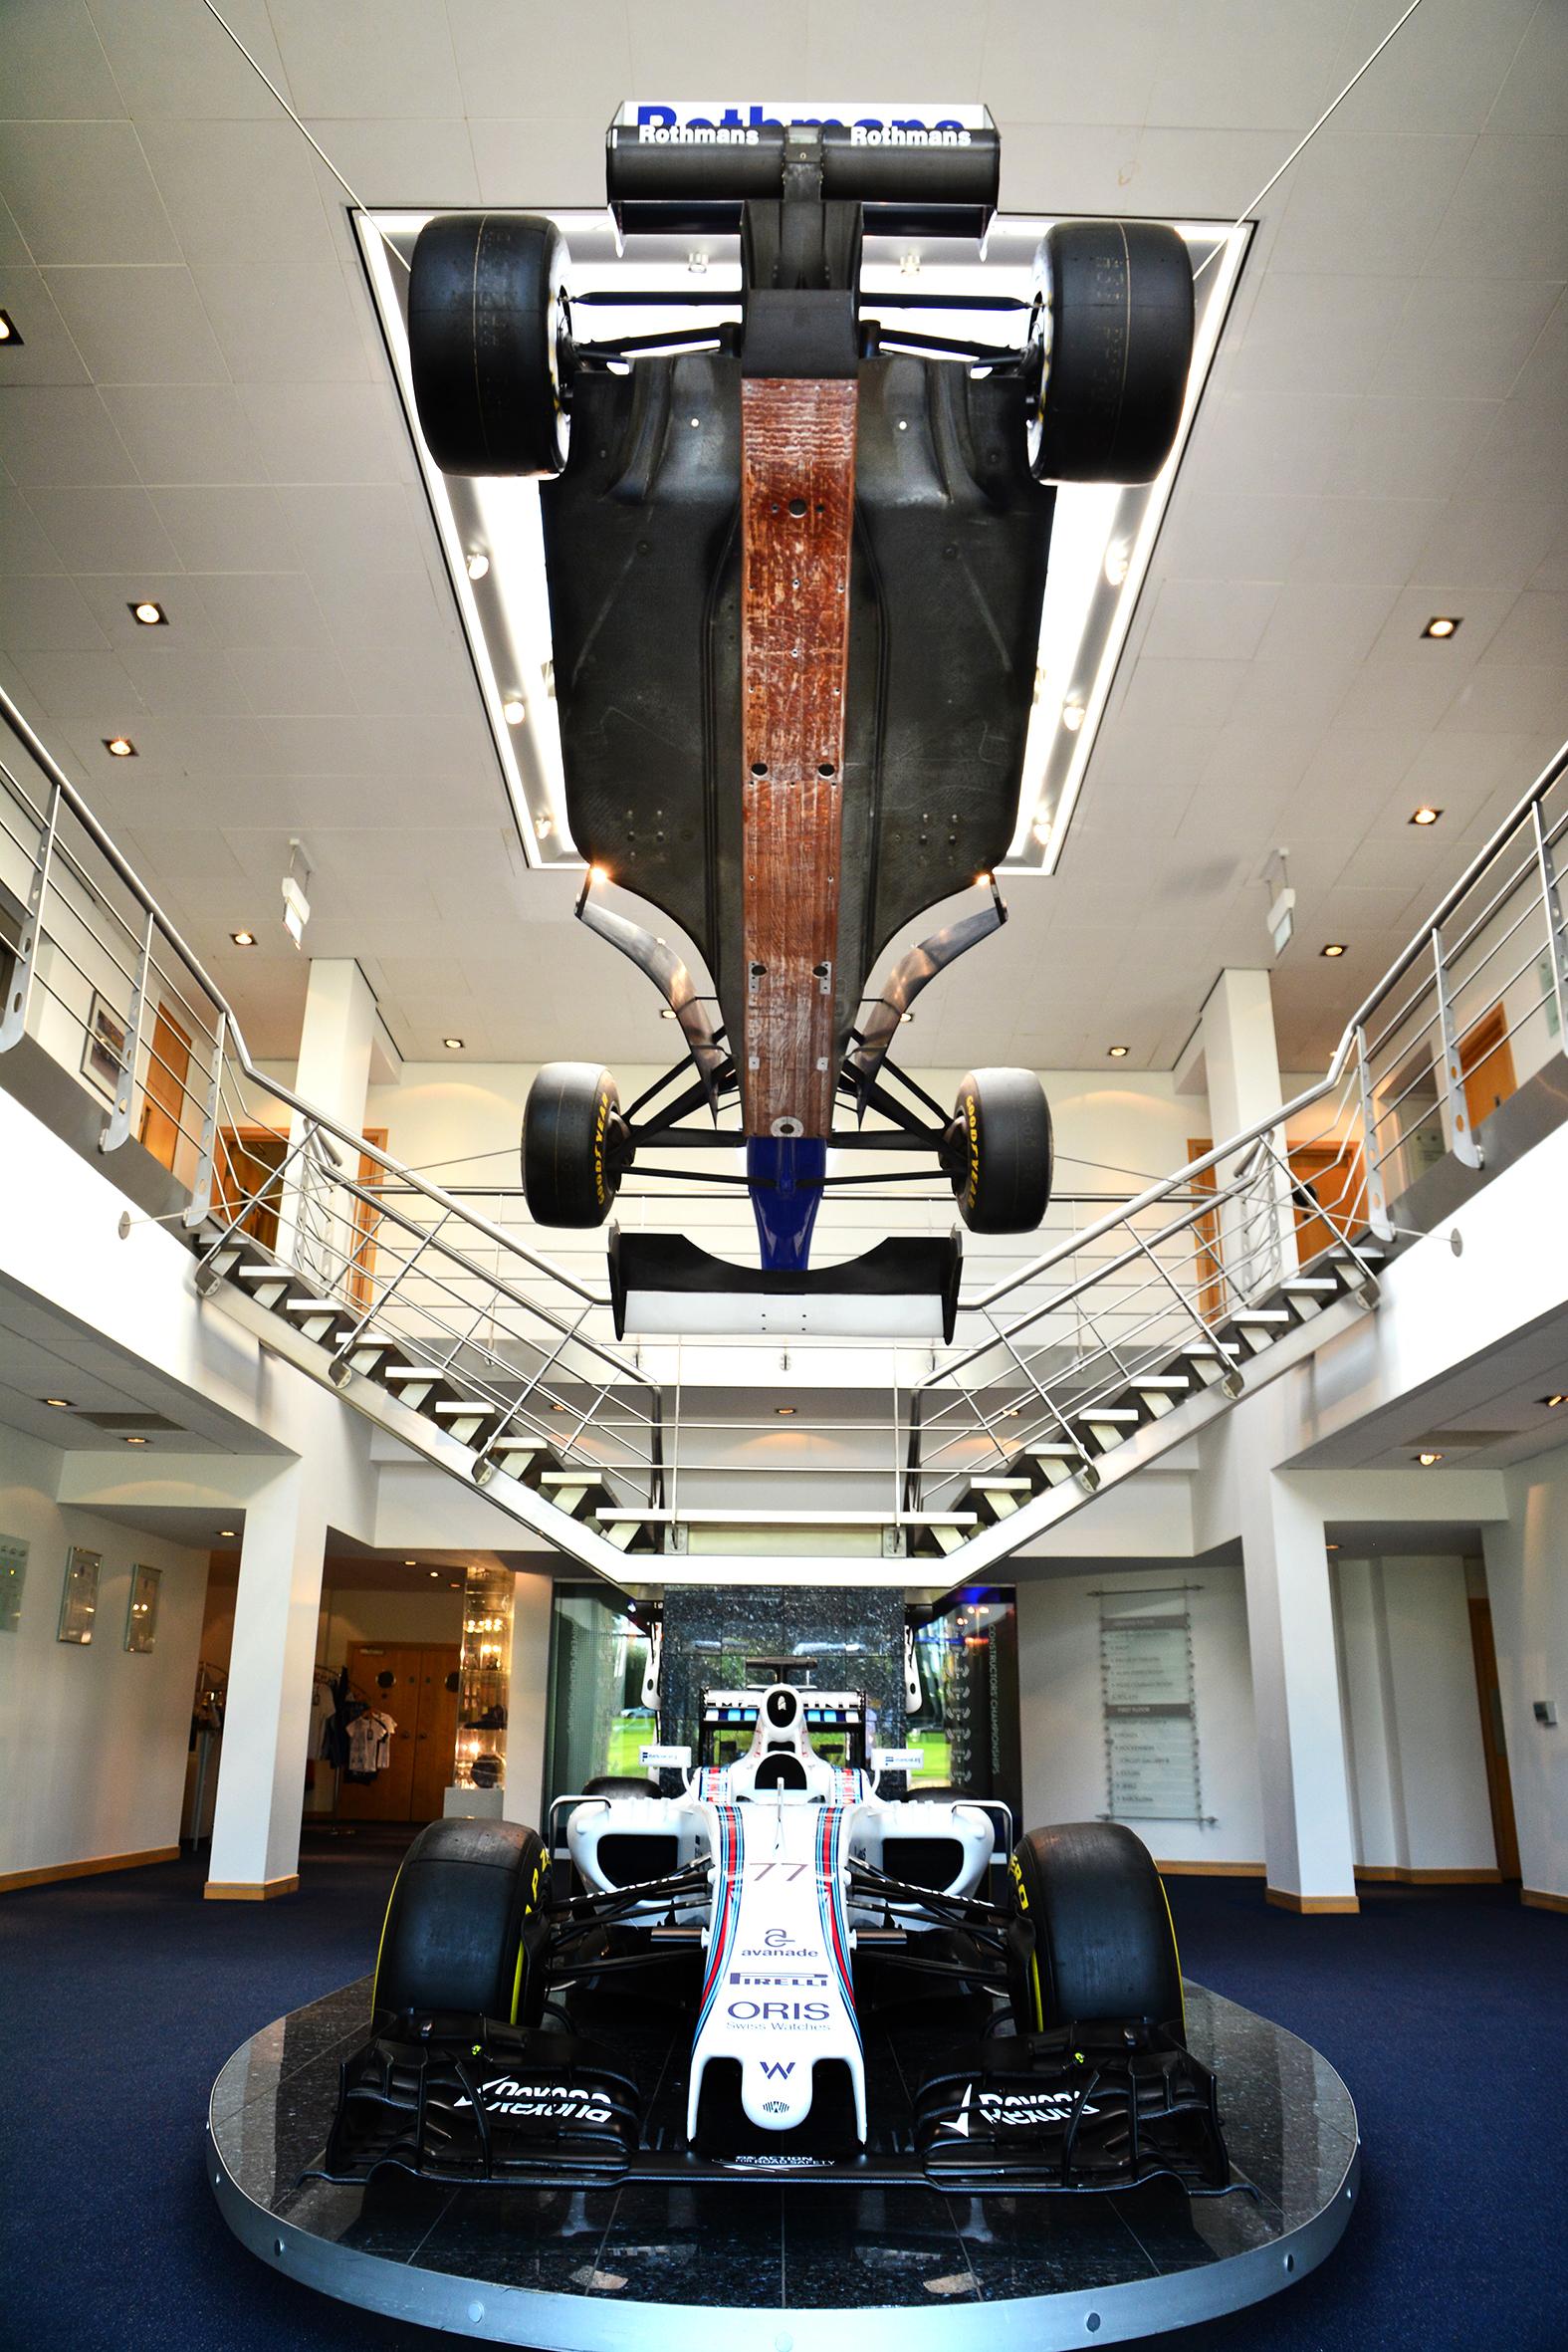 Williams F1 Engineering